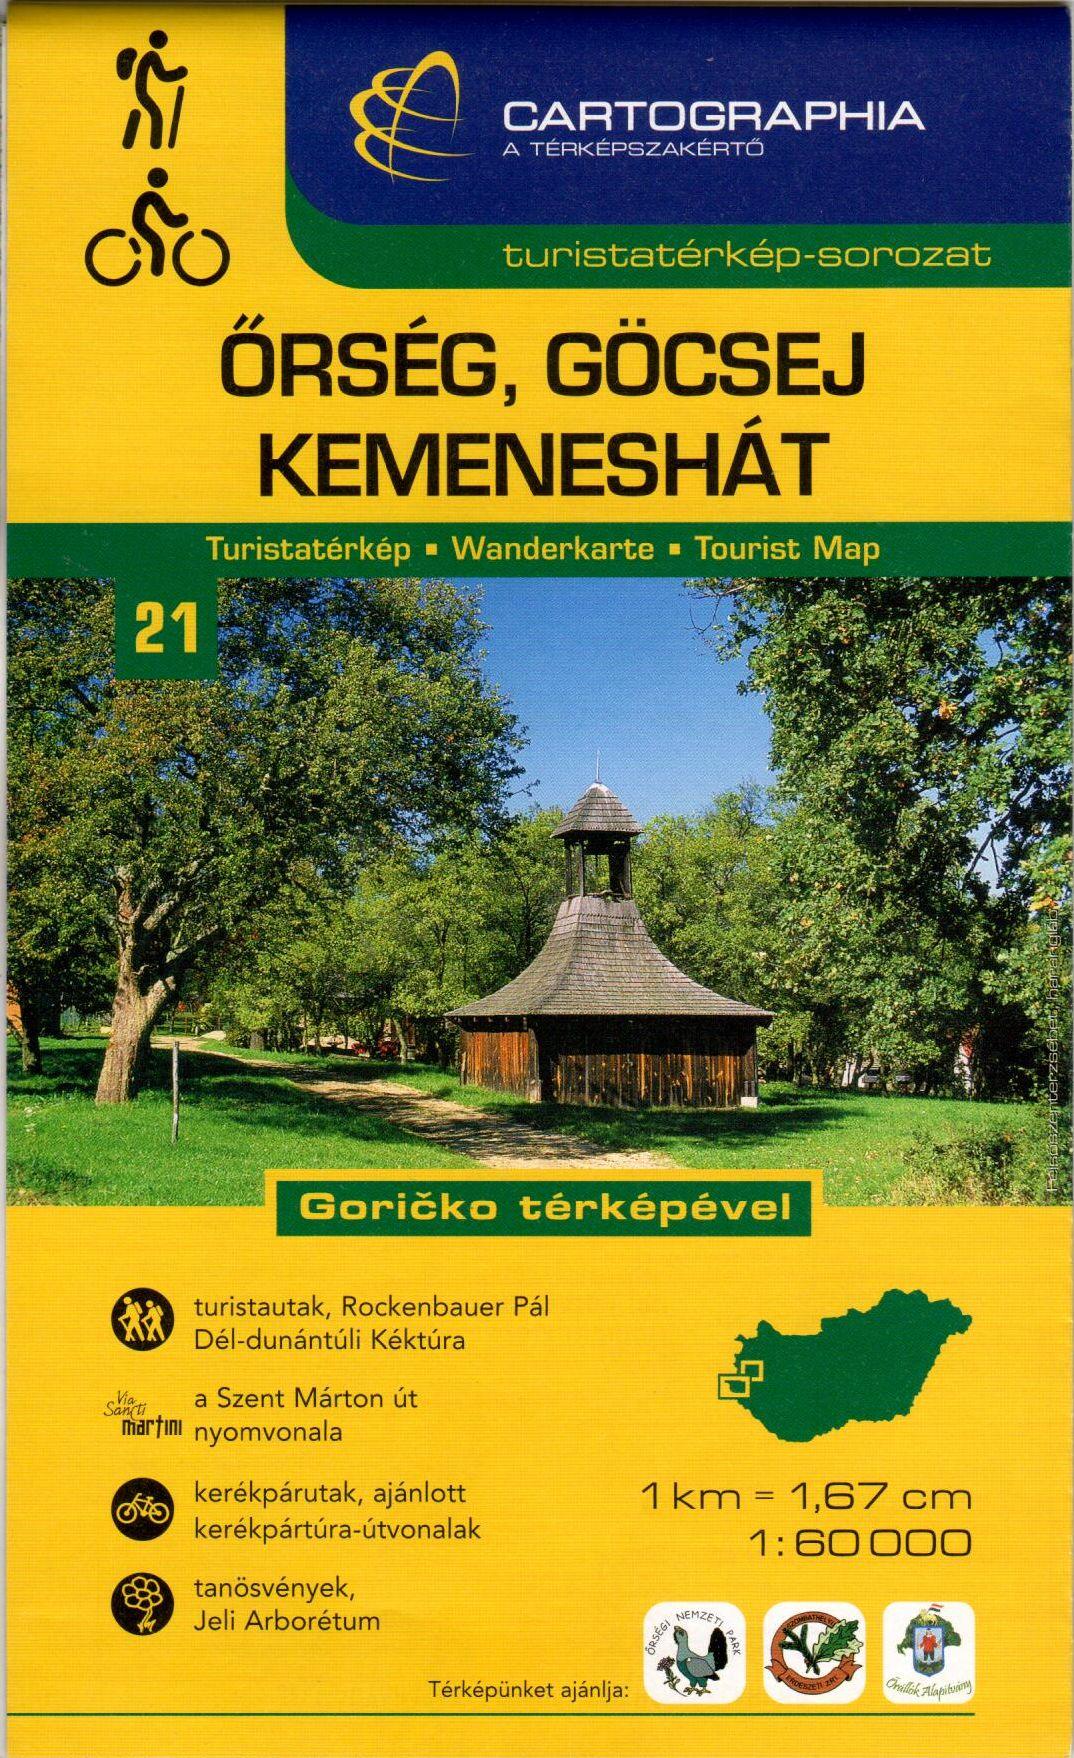 Három magyar turistaterület + a szlovéniai Goricko 1 térképen